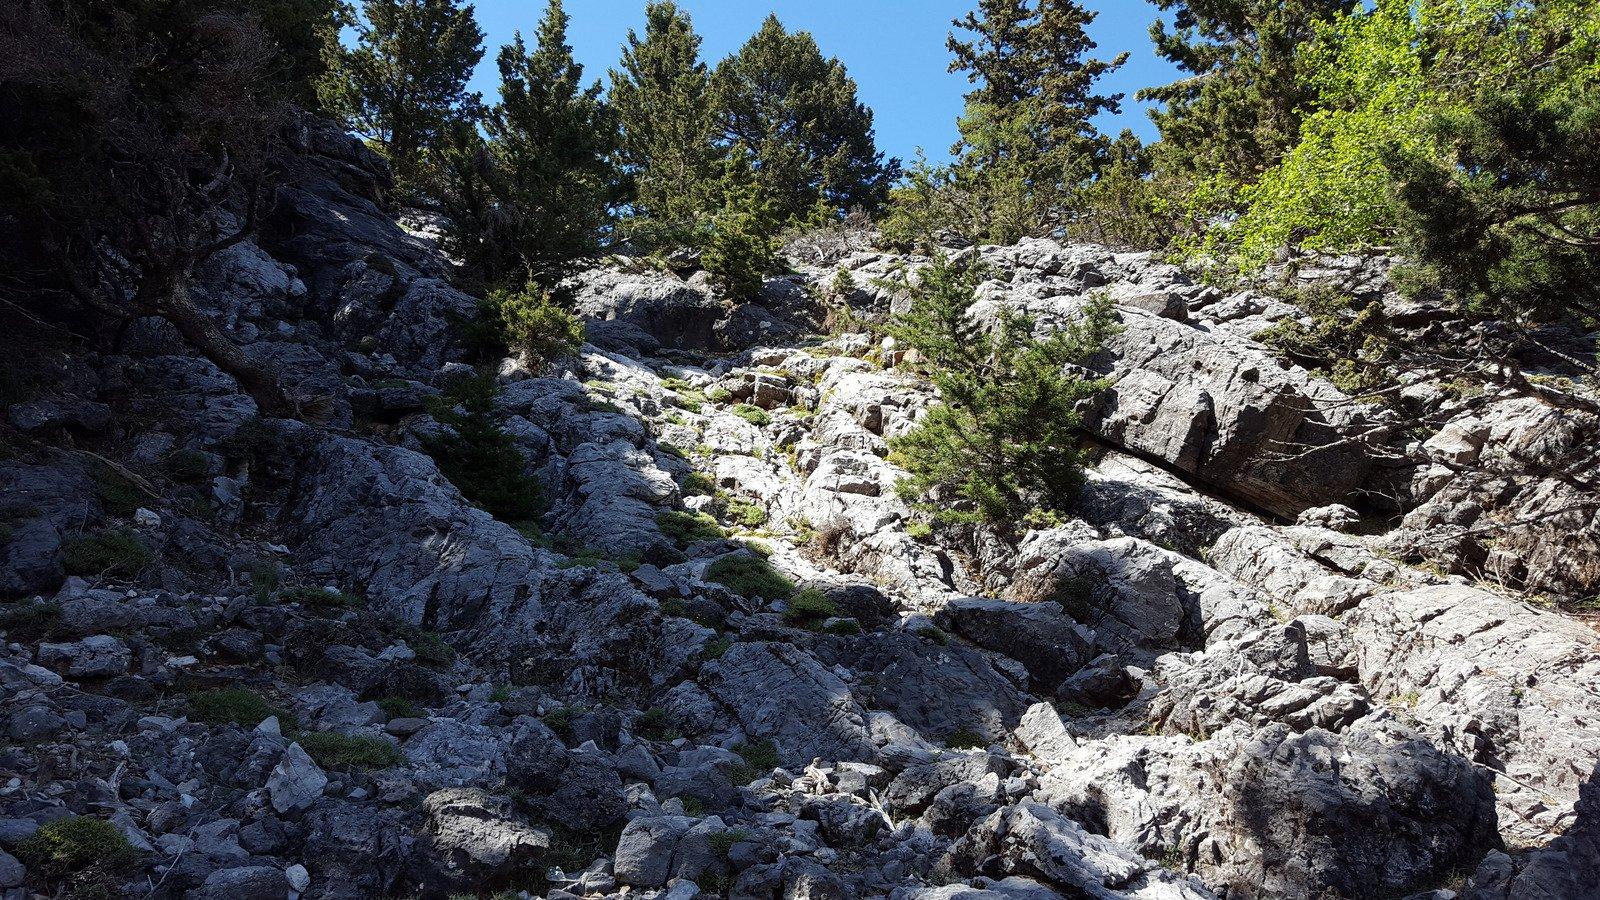 L'ultimo tratto della valletta prima di incrociare il sentiero da Skafidaki.